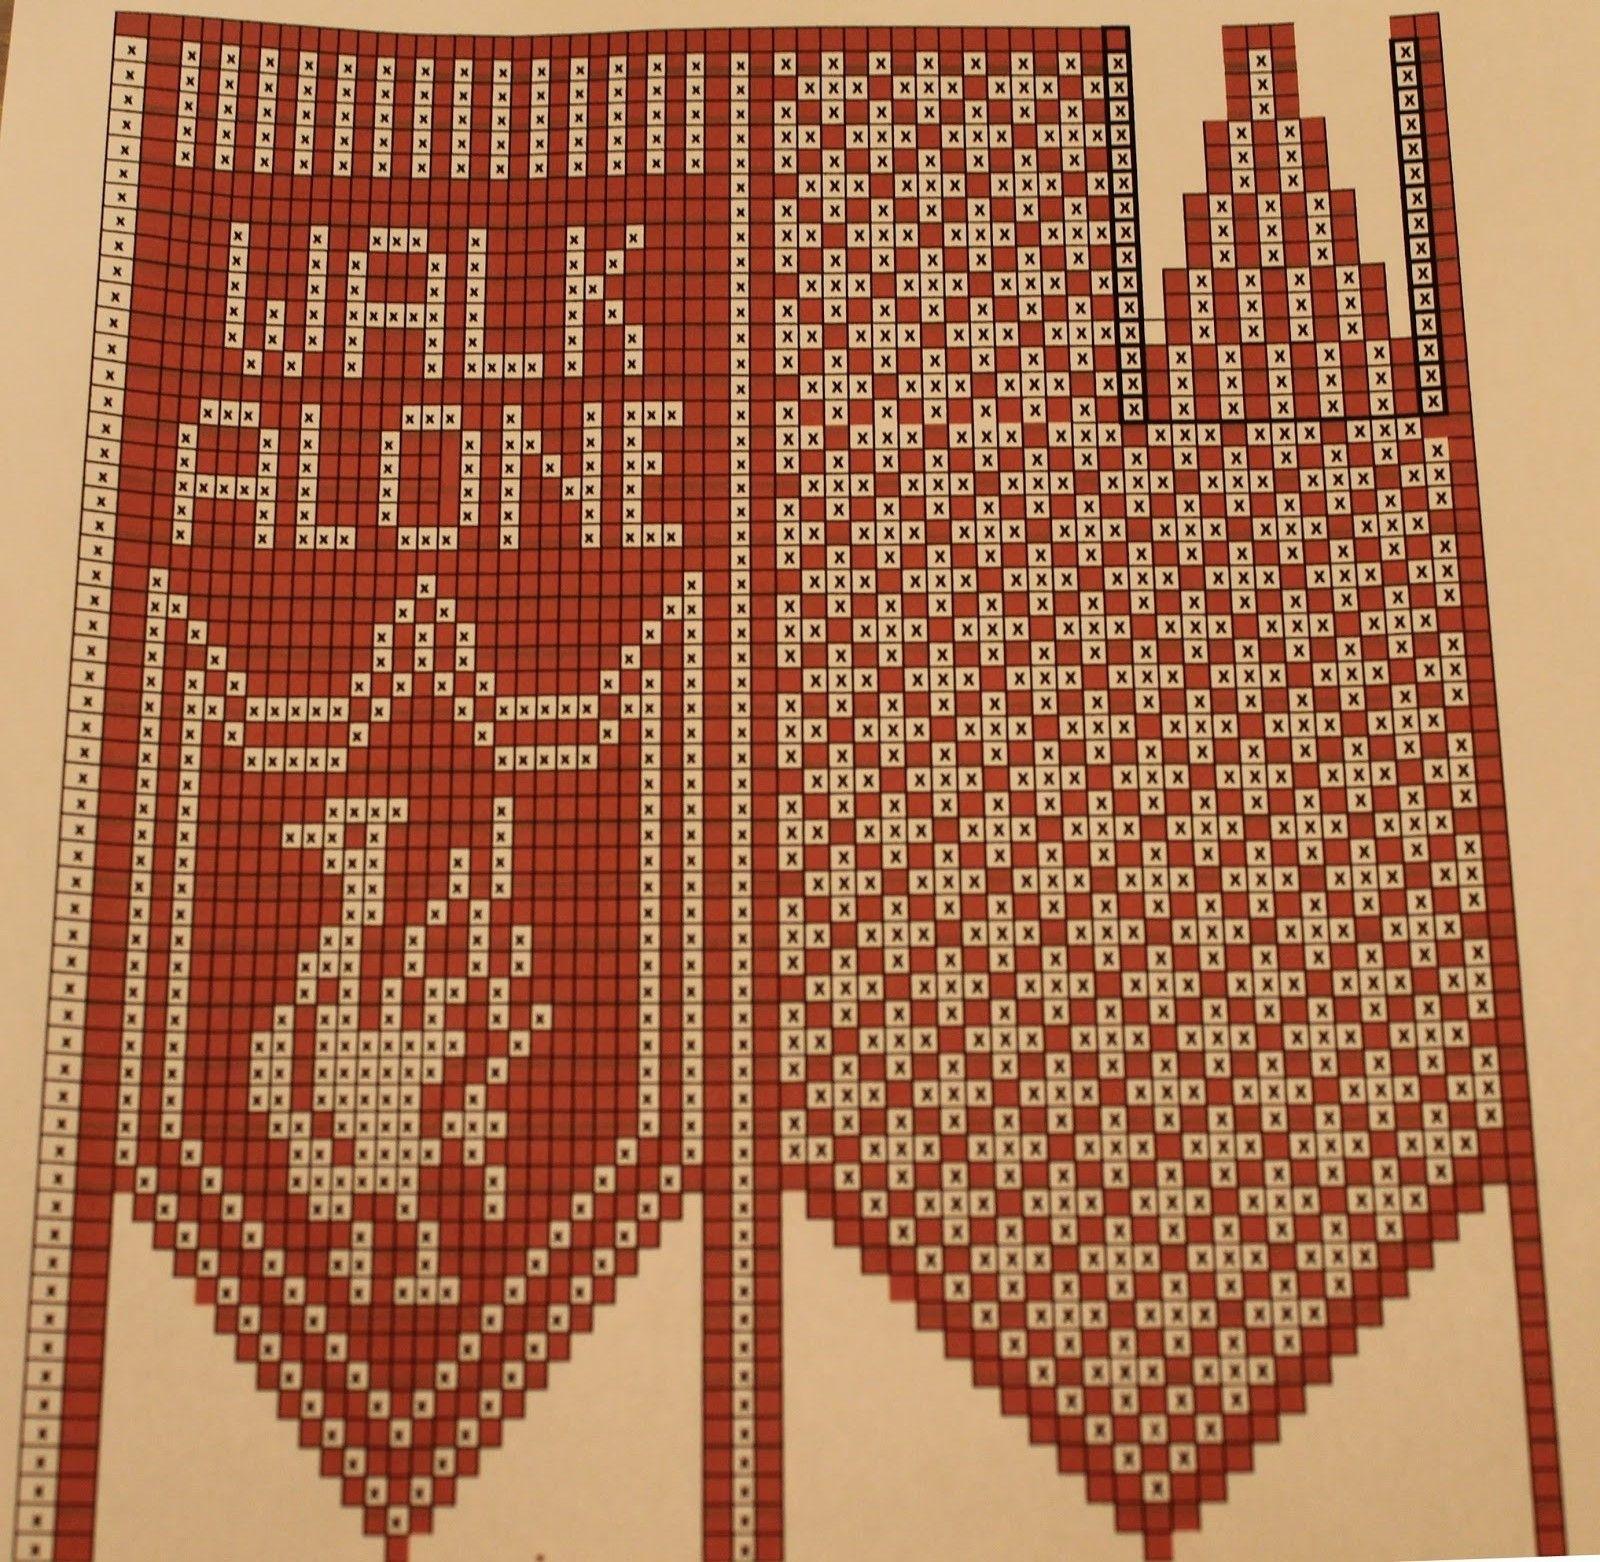 Pin de ilmy dolmen en knitting (and patterns) | Pinterest